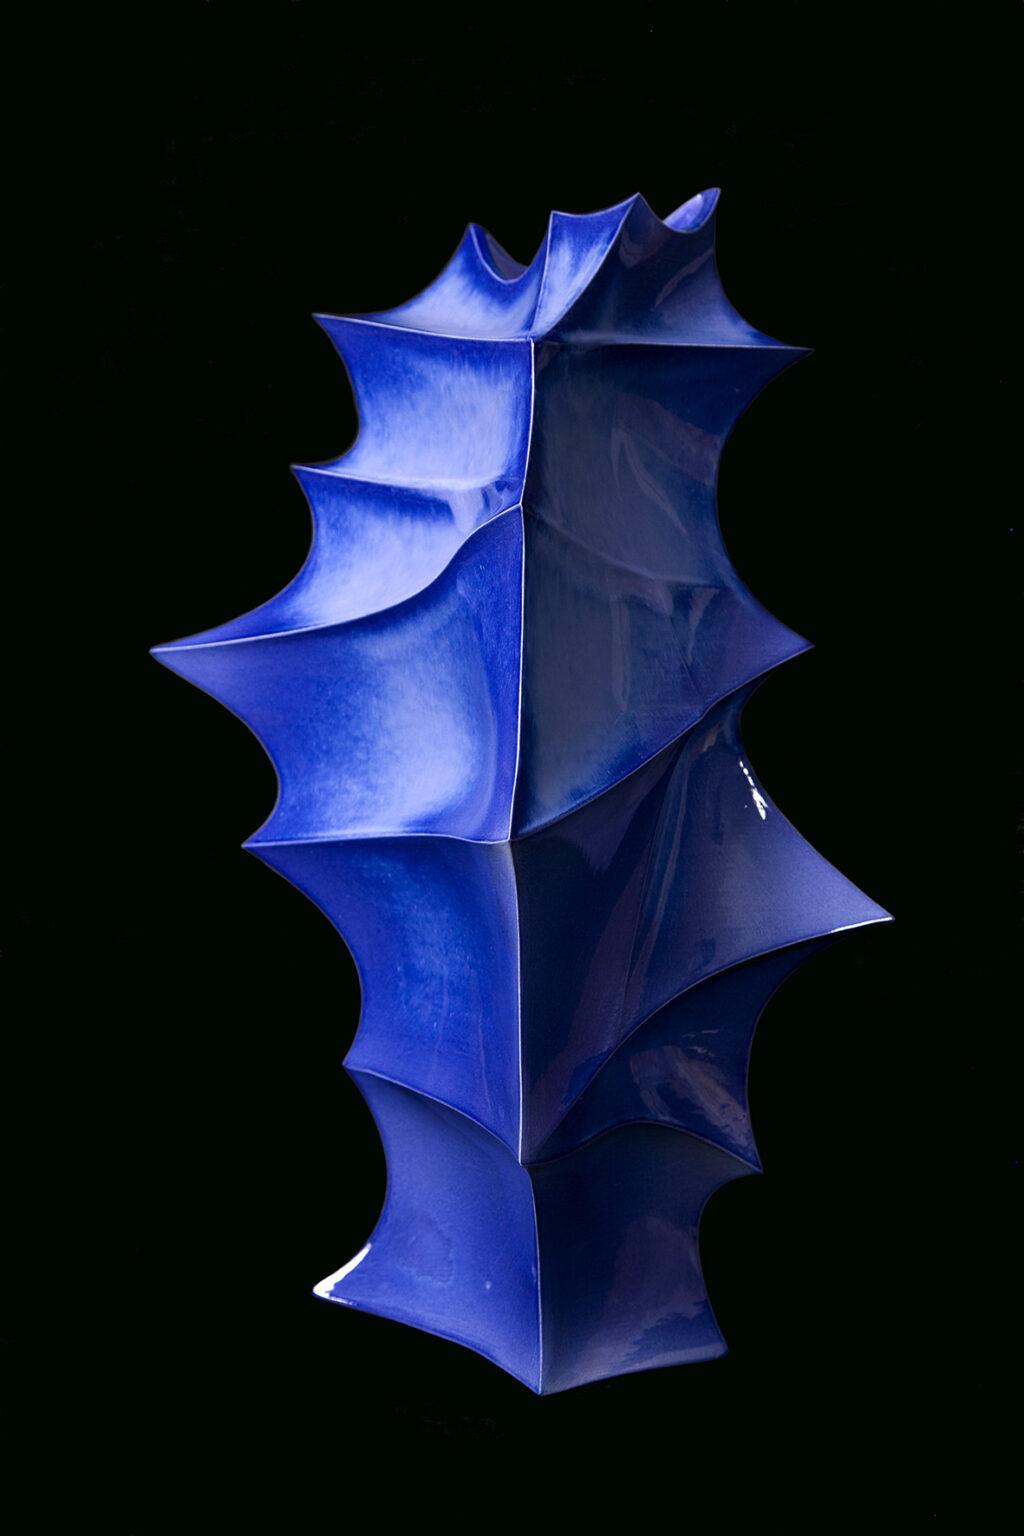 """מתוך הסדרה """"Lanceolate"""" אופיר זמודזיאק צילום: הדר סייפן הביאנלה לאומנויות ולעיצוב מוז""""א, מוזיאון ארץ-ישראל, תל-אביב"""